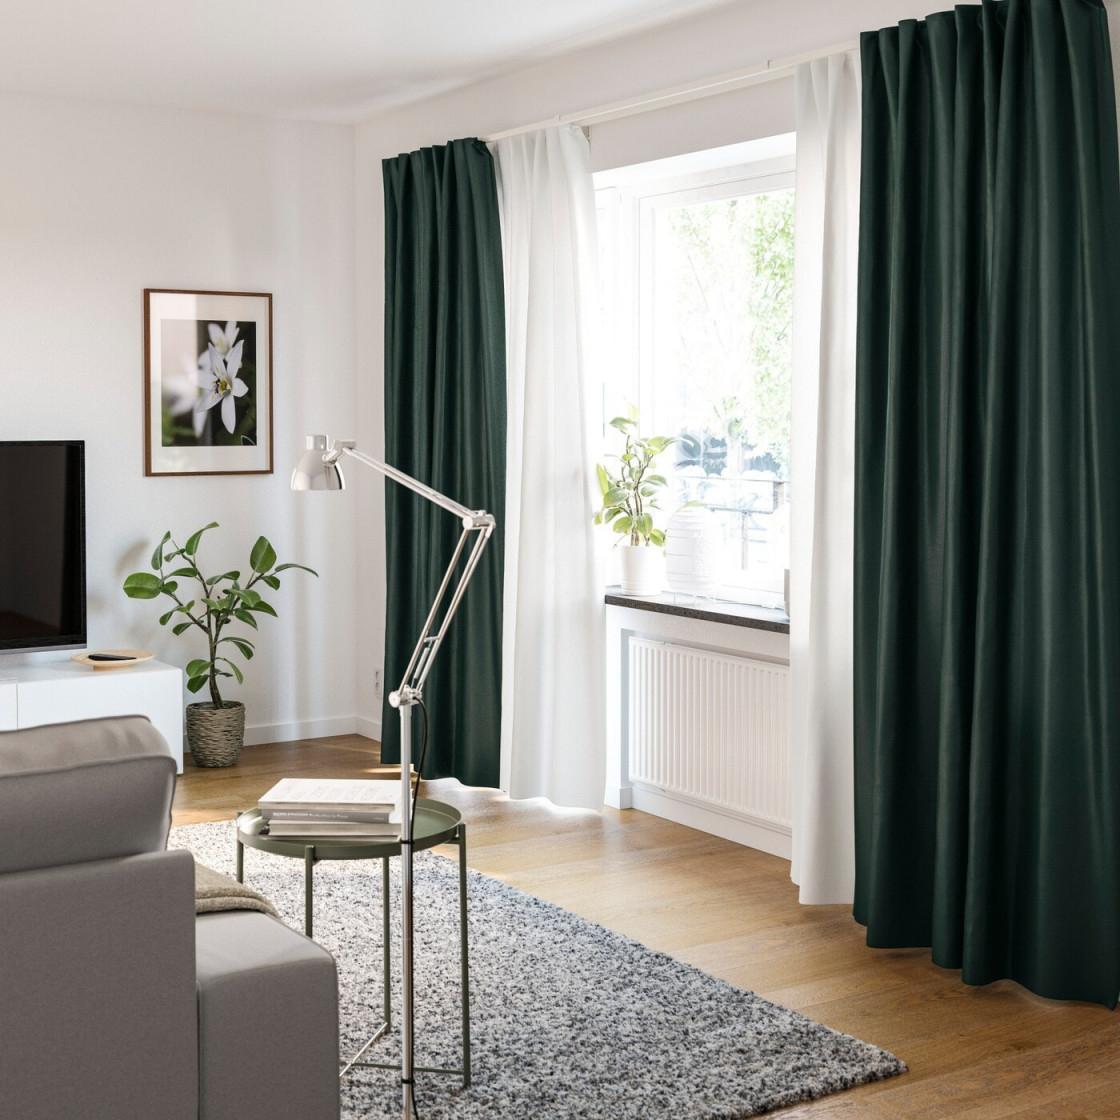 Gardinenideen Inspirationen Für Dein Zuhause  Ikea von Übergardinen Wohnzimmer Ideen Bild